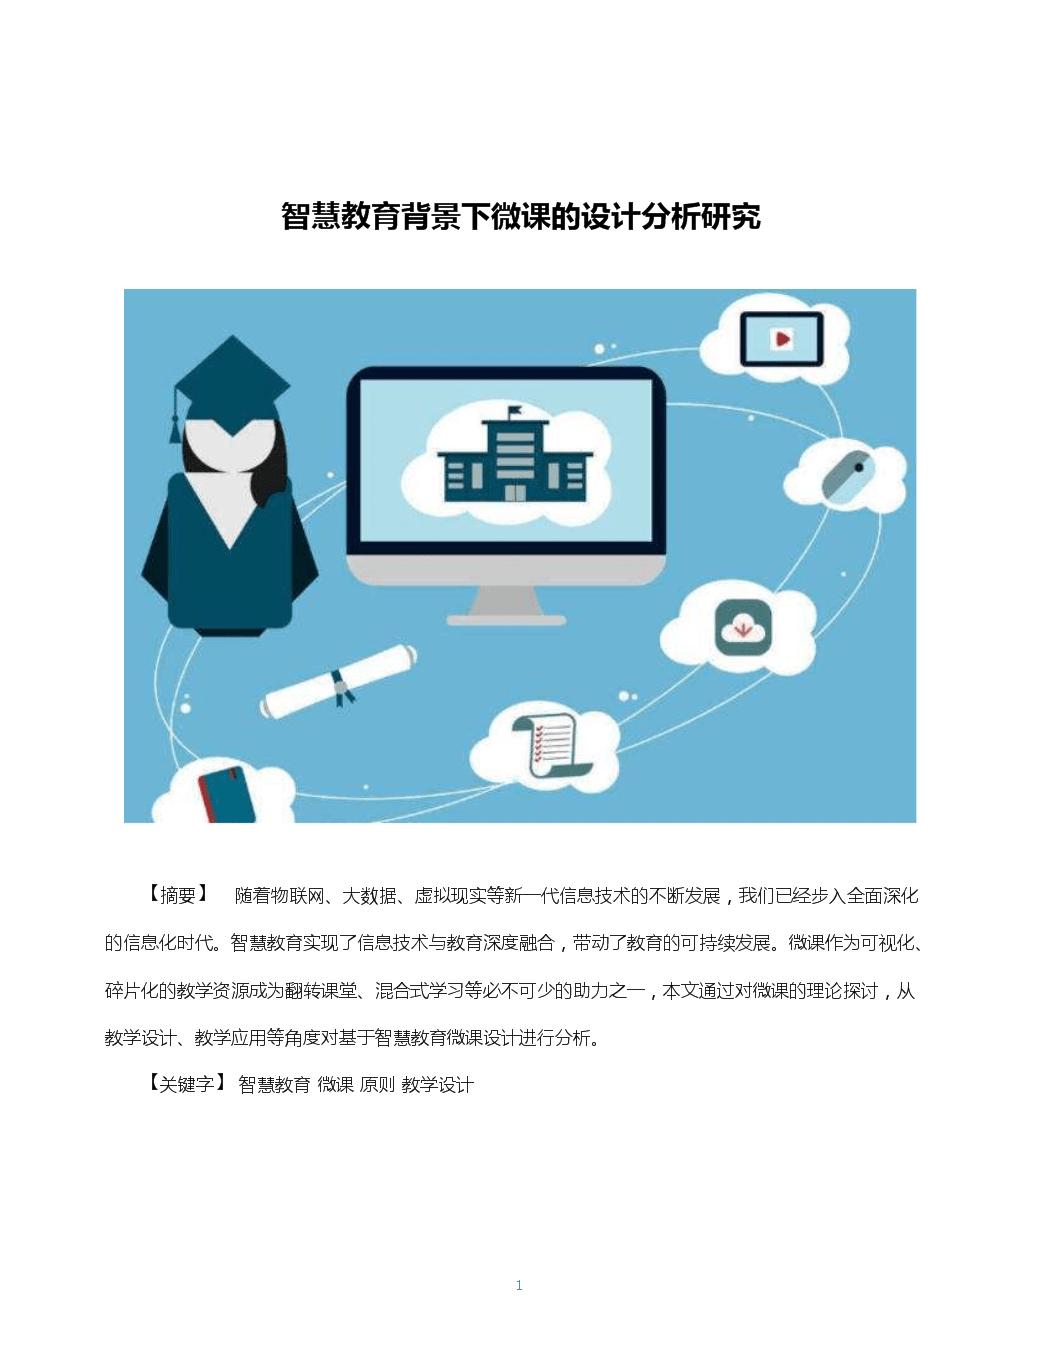 智慧教育背景下微课的设计分析研究.docx